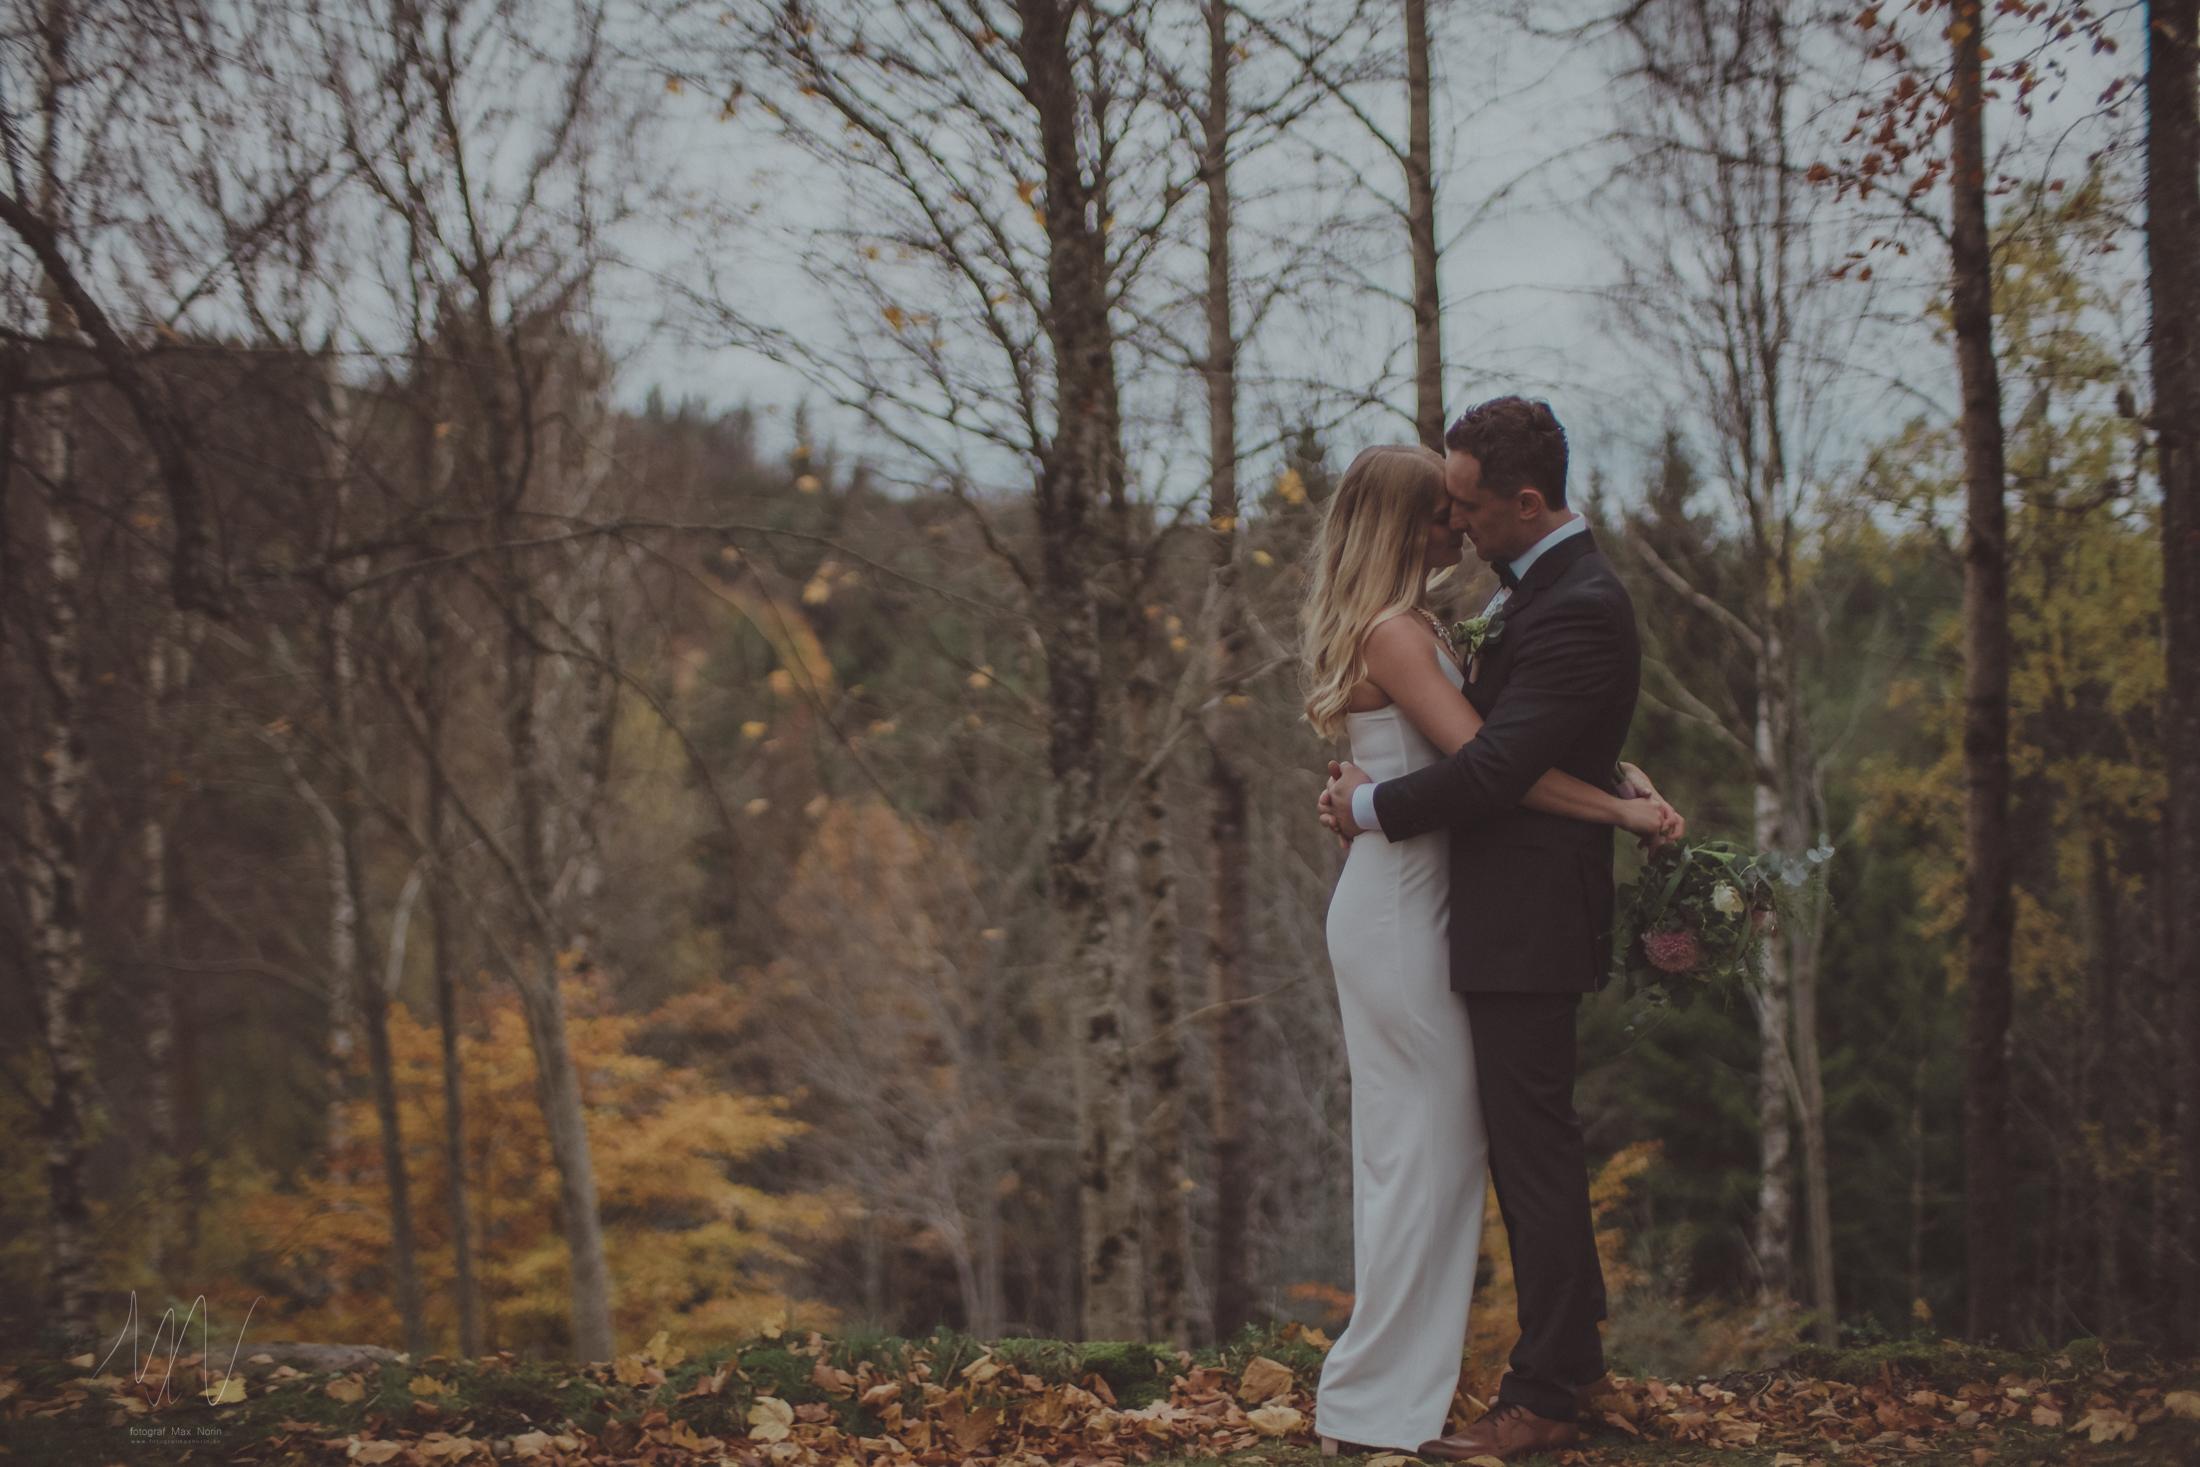 bröllopsfoto-fotograf-max-norin-15.jpg